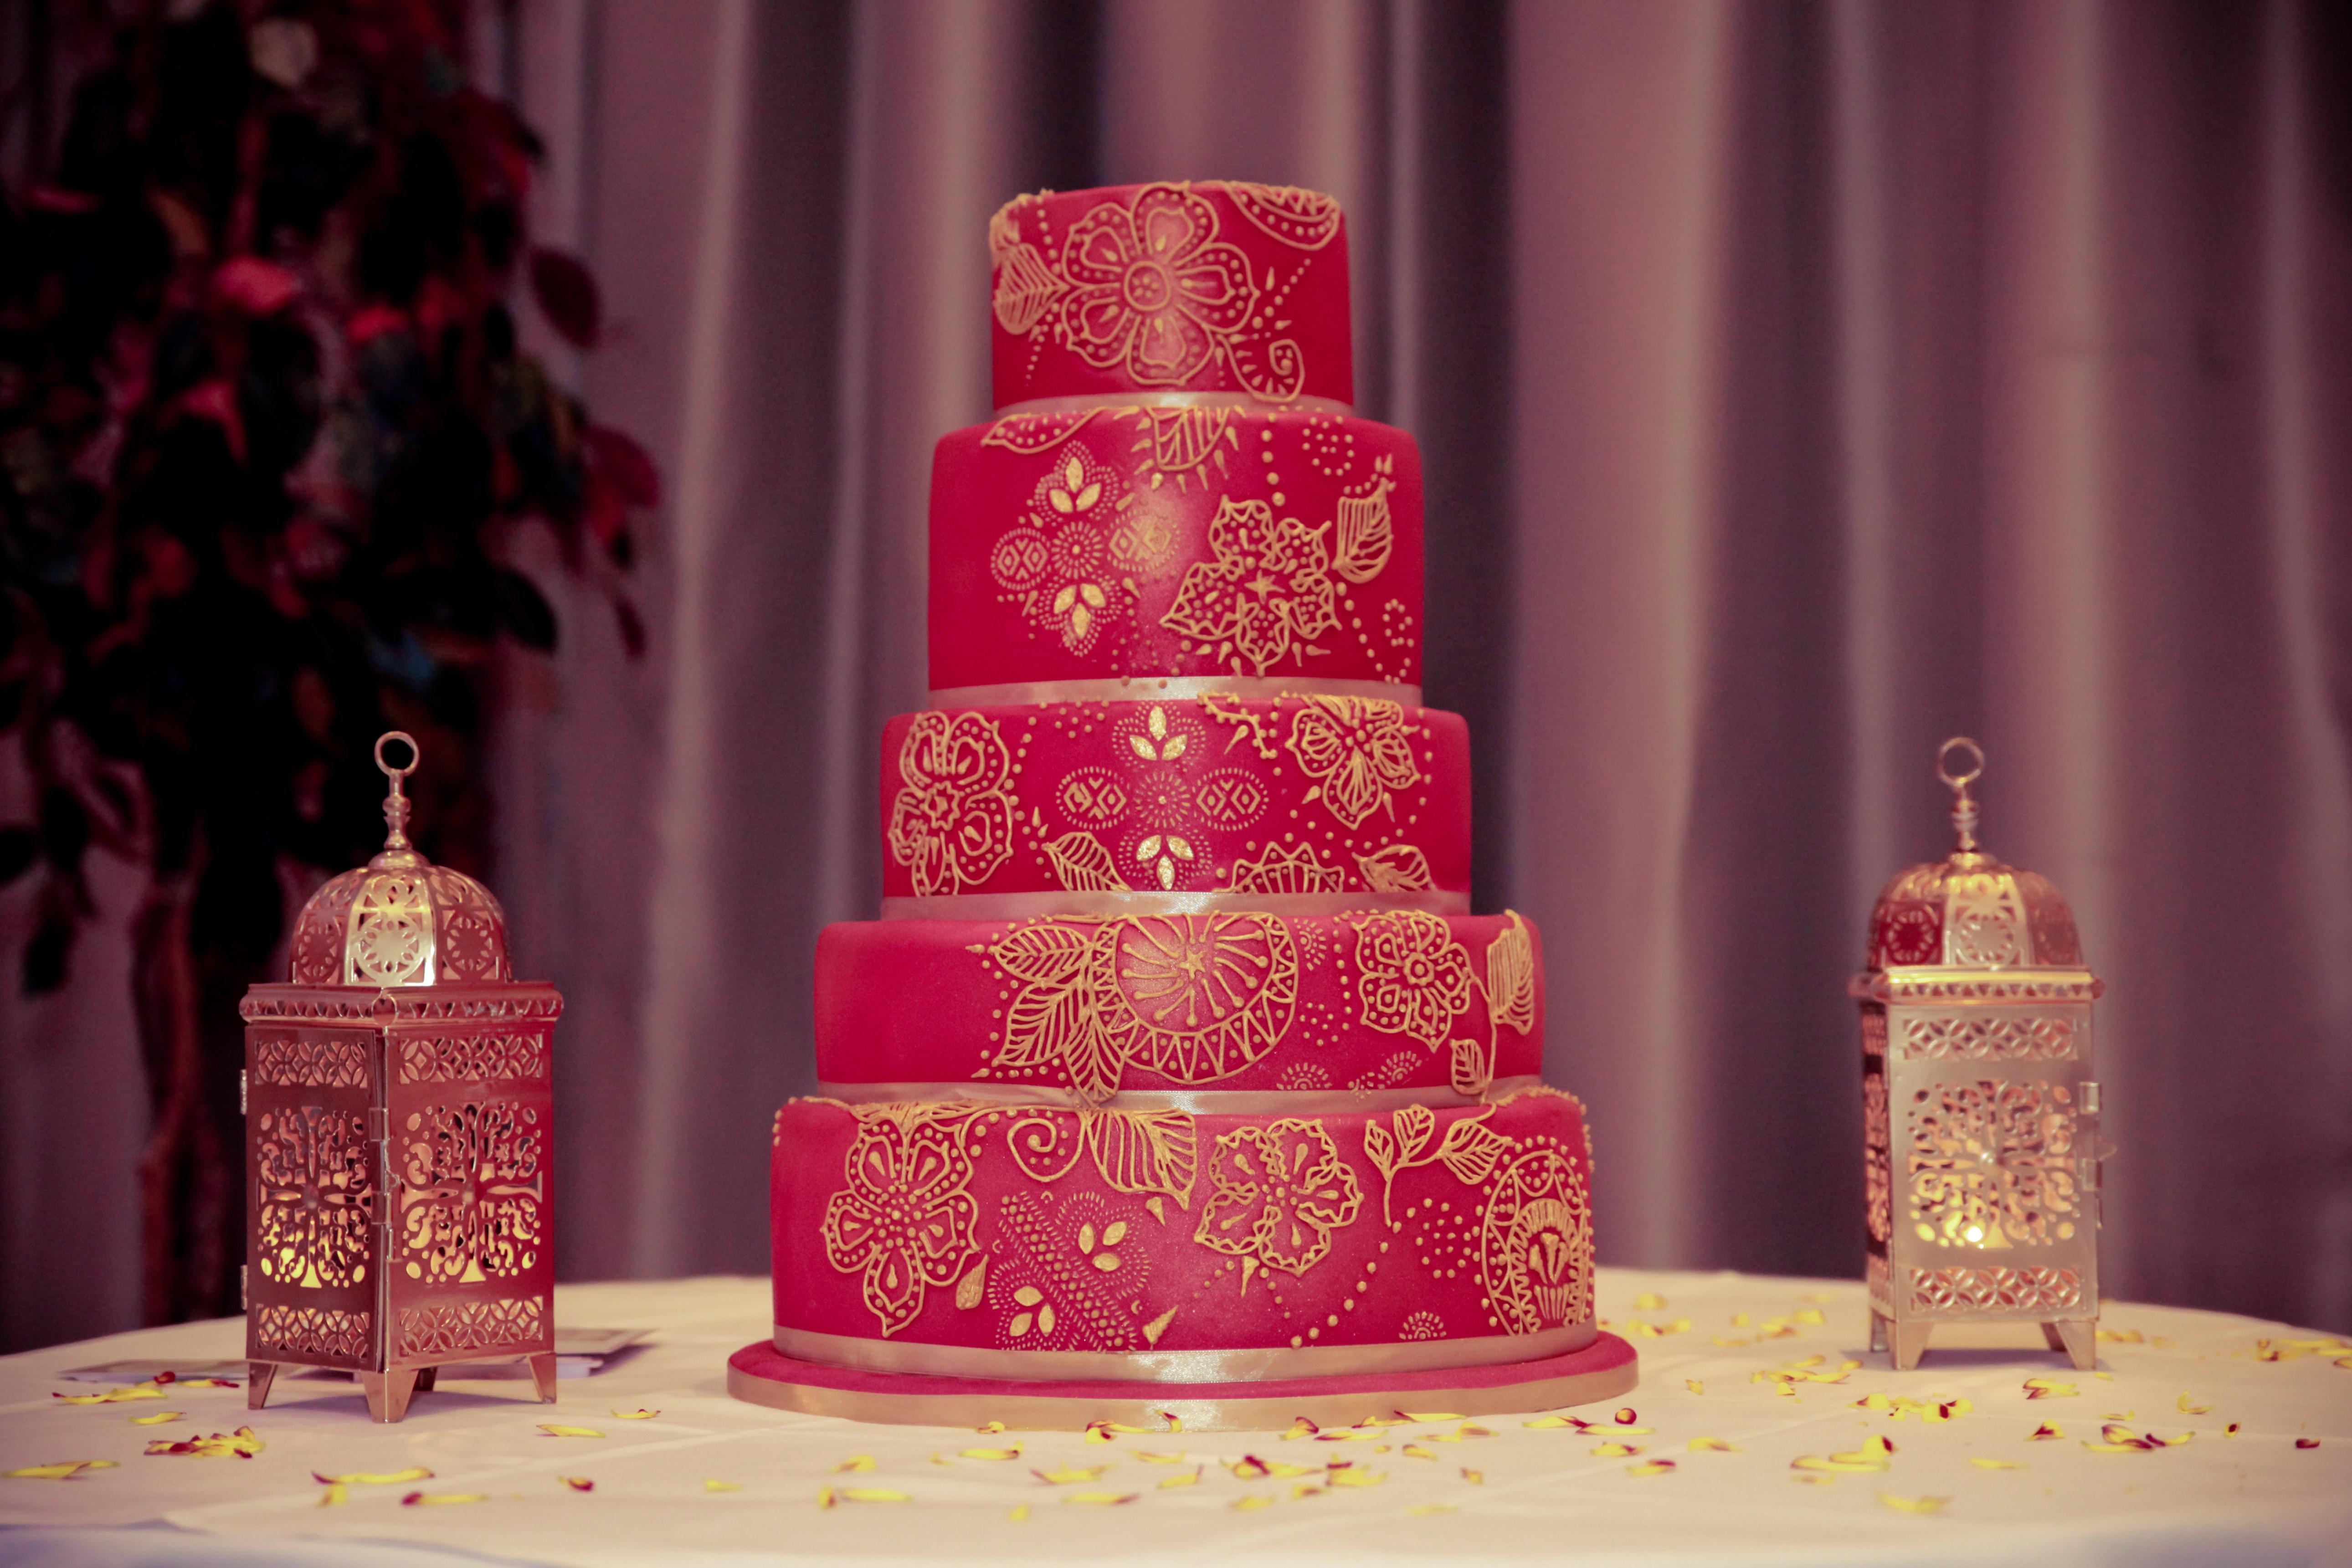 Mehndi Cake Uk : Mehndi cake jamie bakes cakes